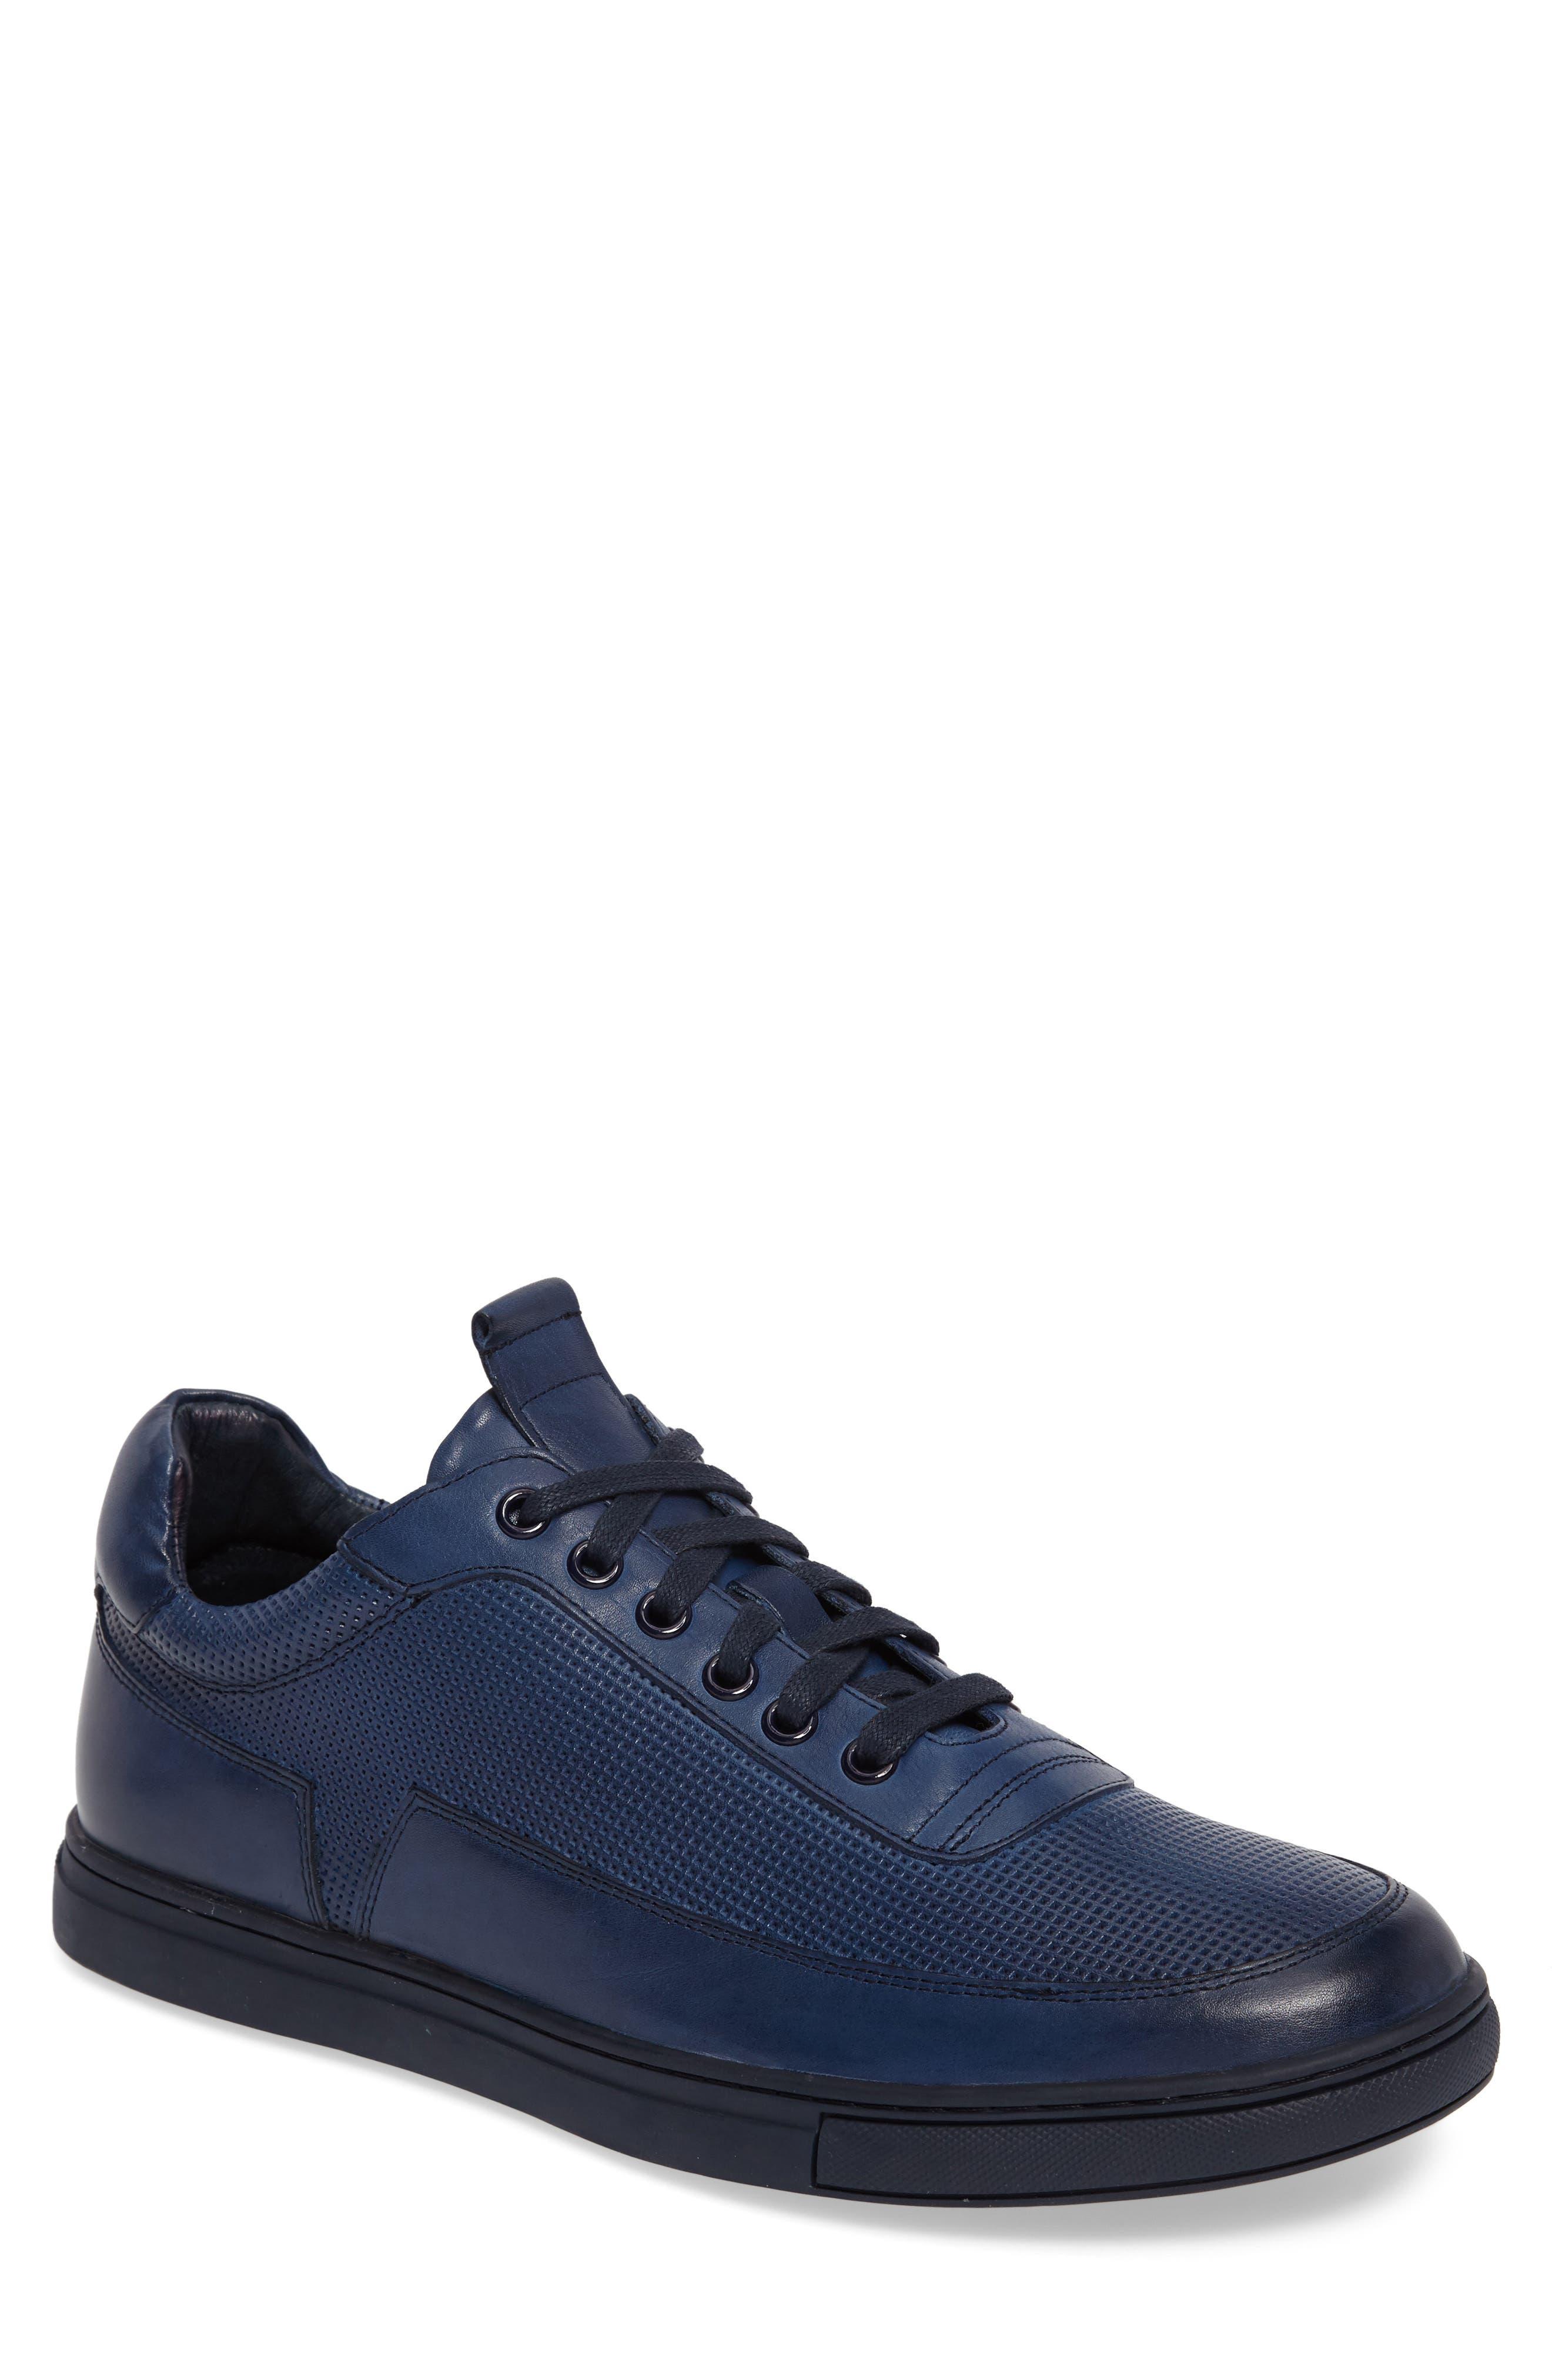 ZANZARA Harmony Sneaker, Main, color, BLUE LEATHER